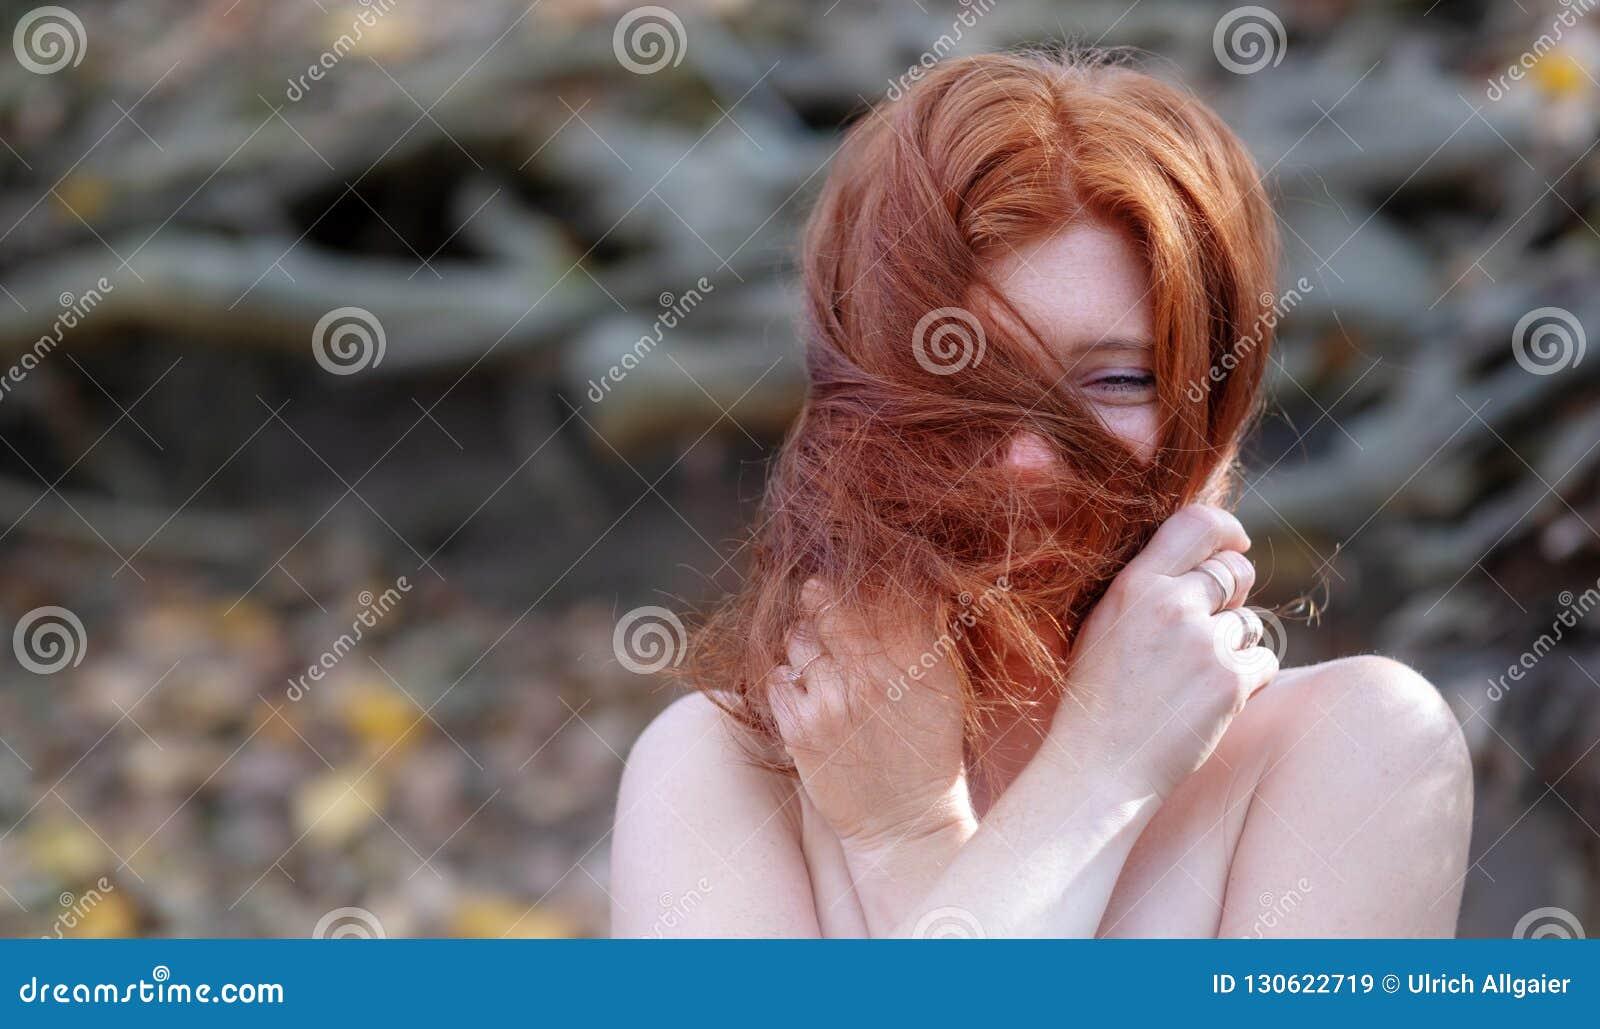 Stående av en ung älskvärd räv-haired flicka med fria skuldror, härlig sexig attraktiv brännhet kvinna, ingefära, rödhårig man